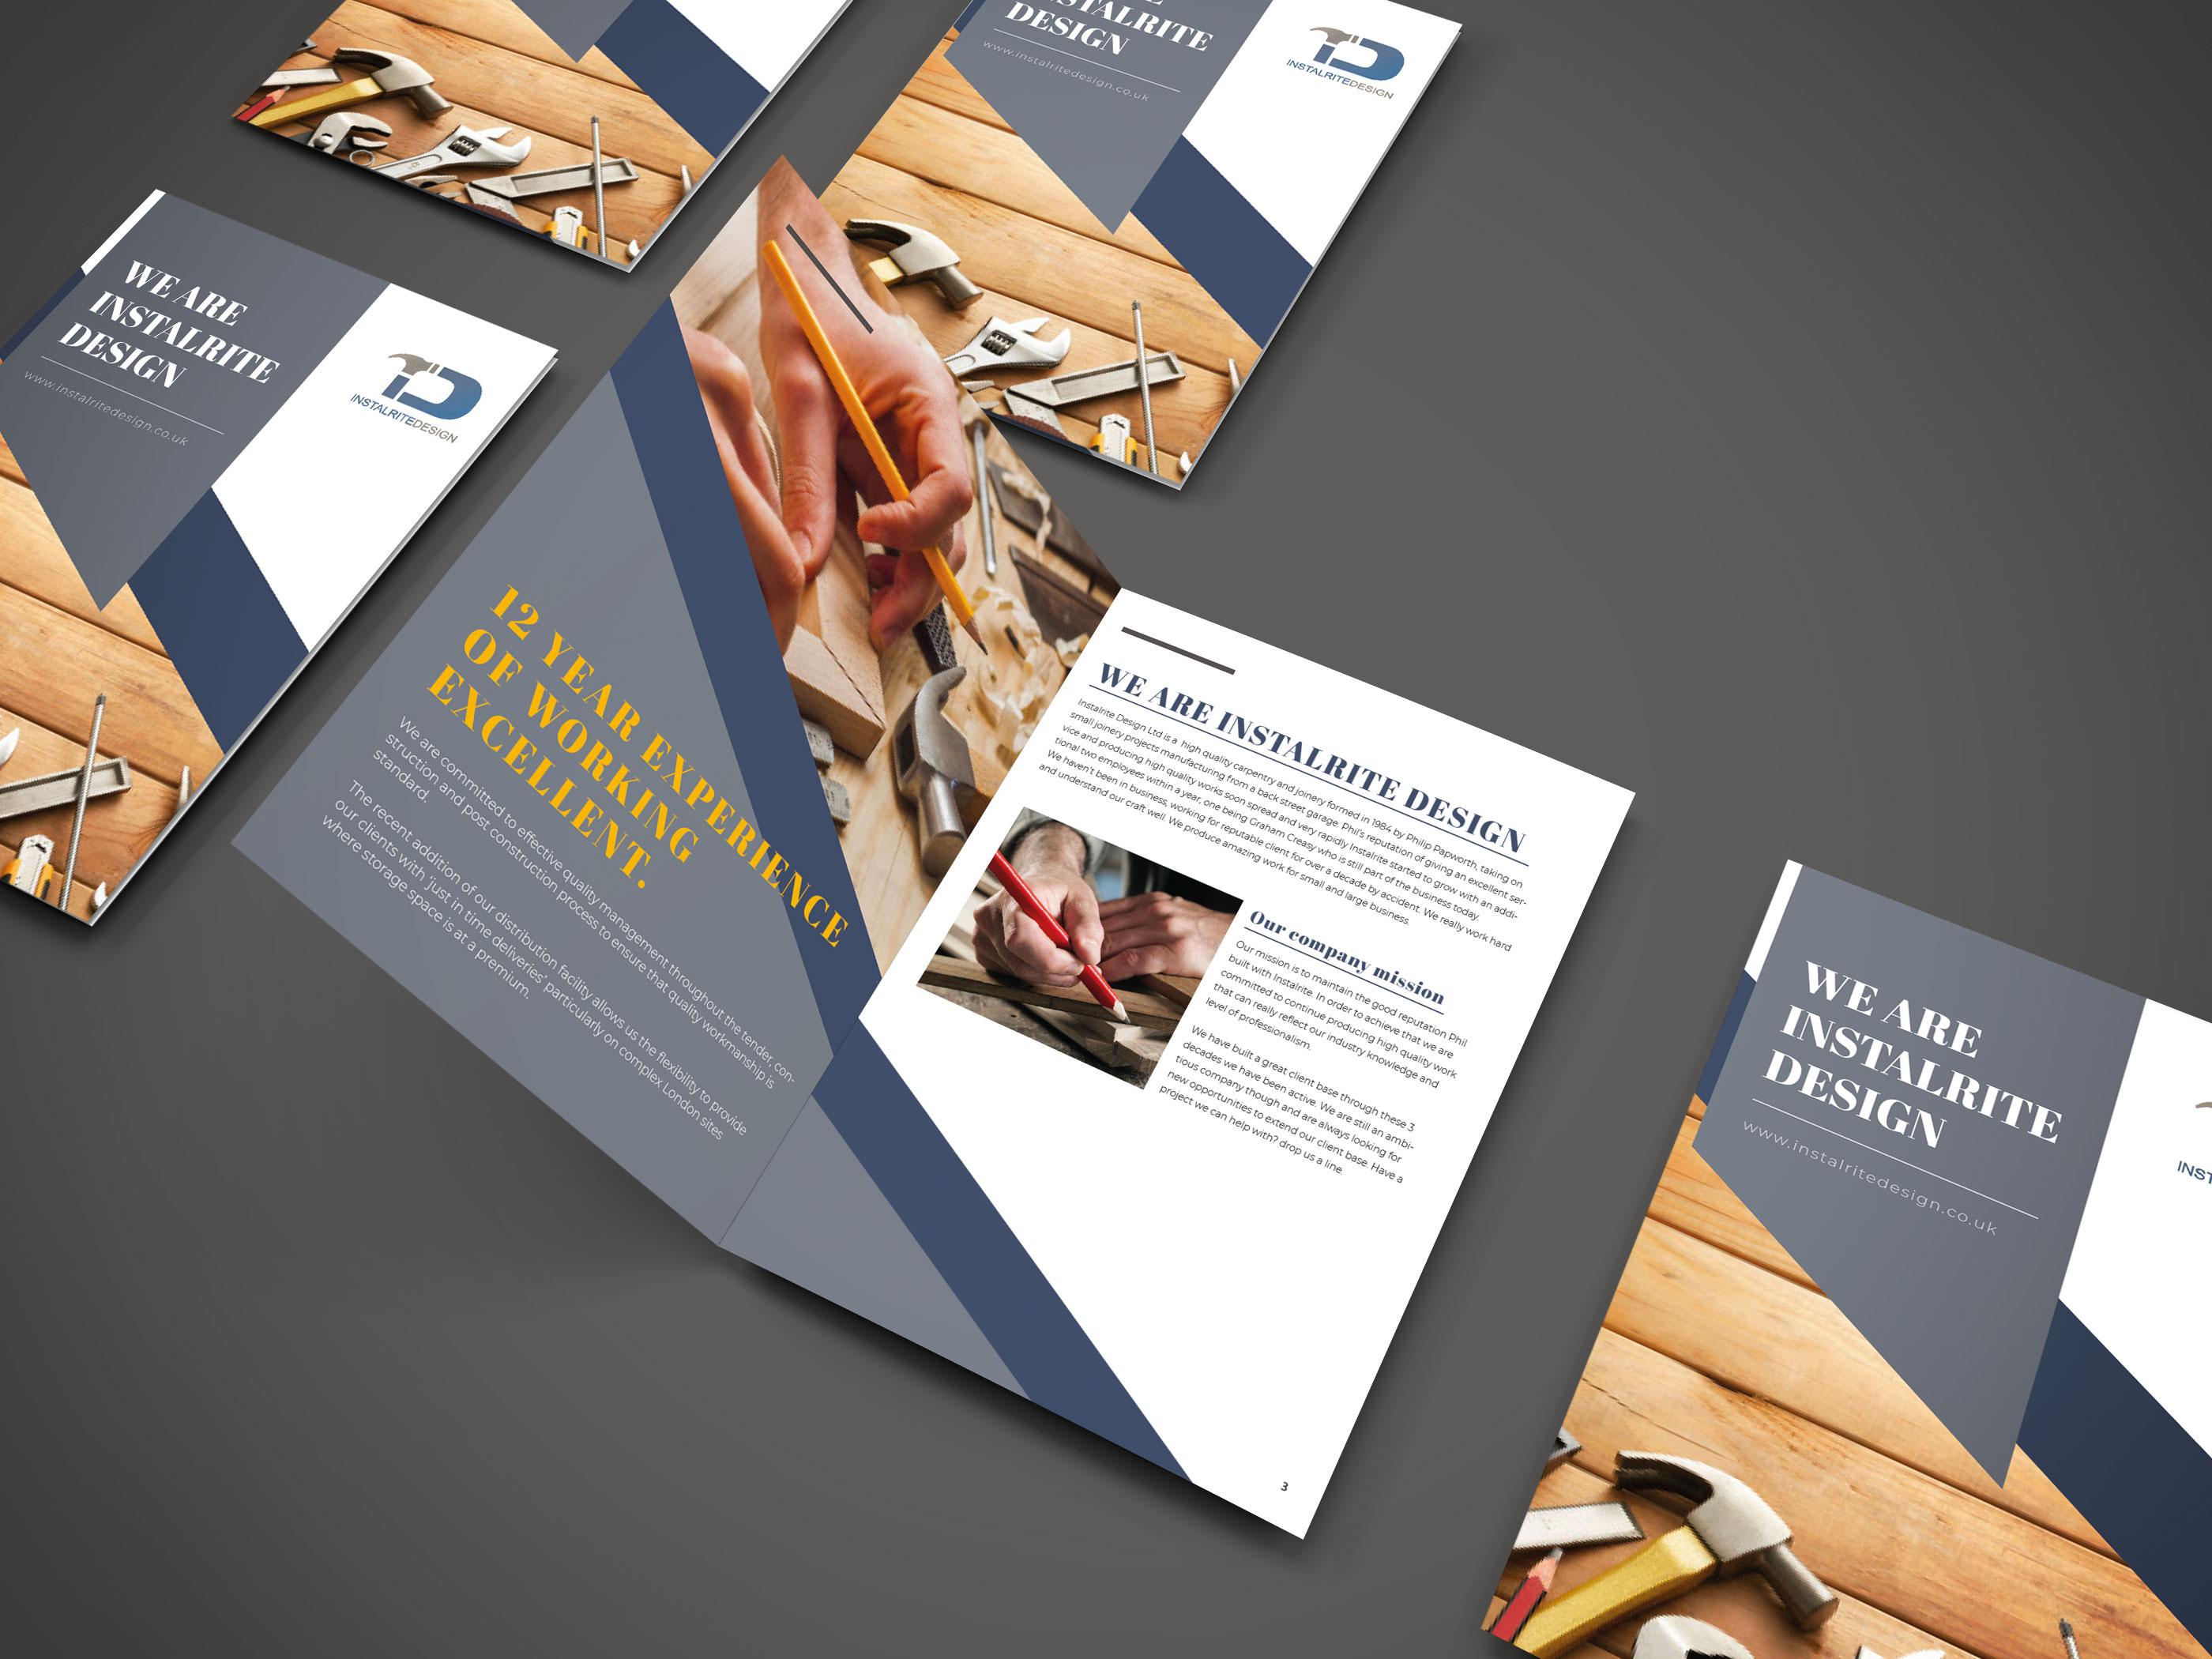 instalrite-design-brochure-2